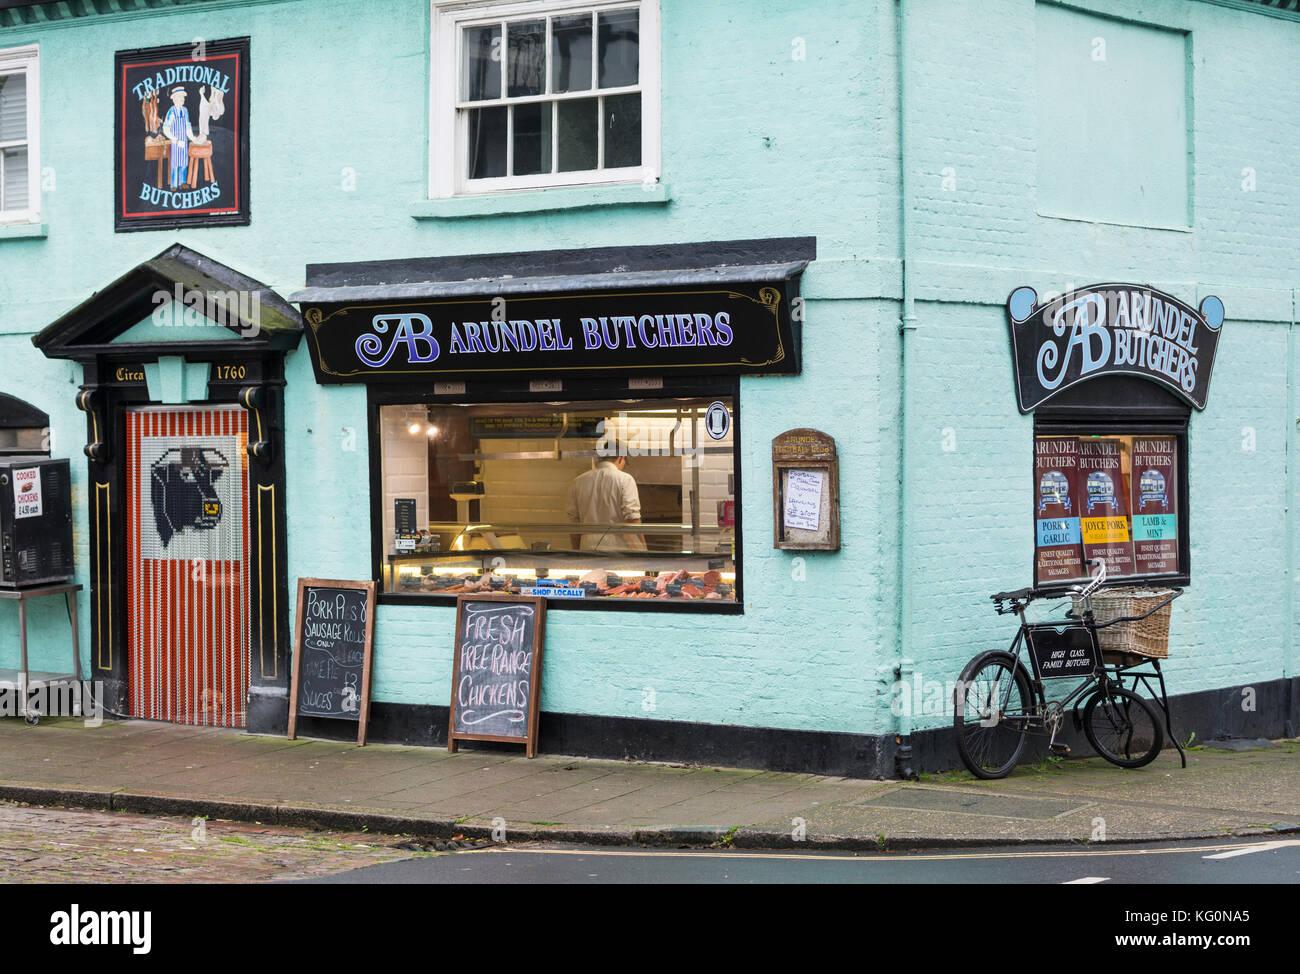 Arundel macellerie, un piccolo locale butcher shop in Arundel, west sussex, in Inghilterra, Regno Unito. Immagini Stock